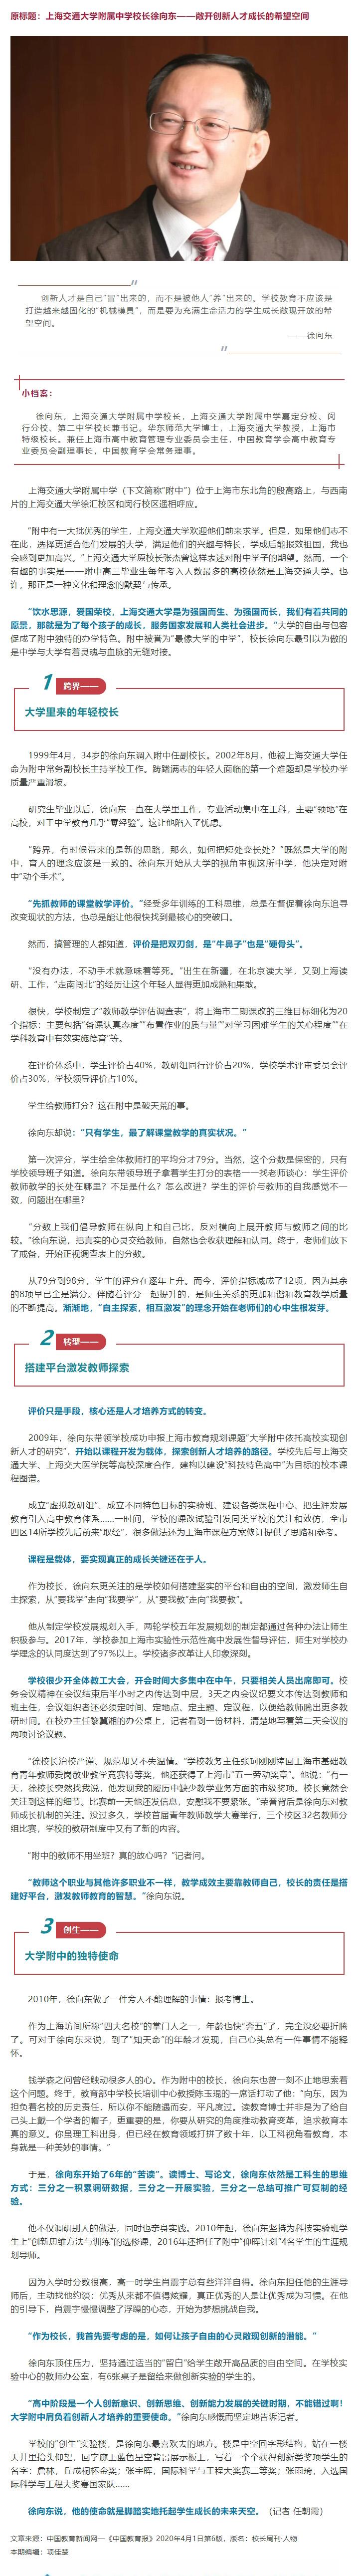 上海交大附中校长徐向东:敞开创新人才成长的希望空间_20200401125409.jpg